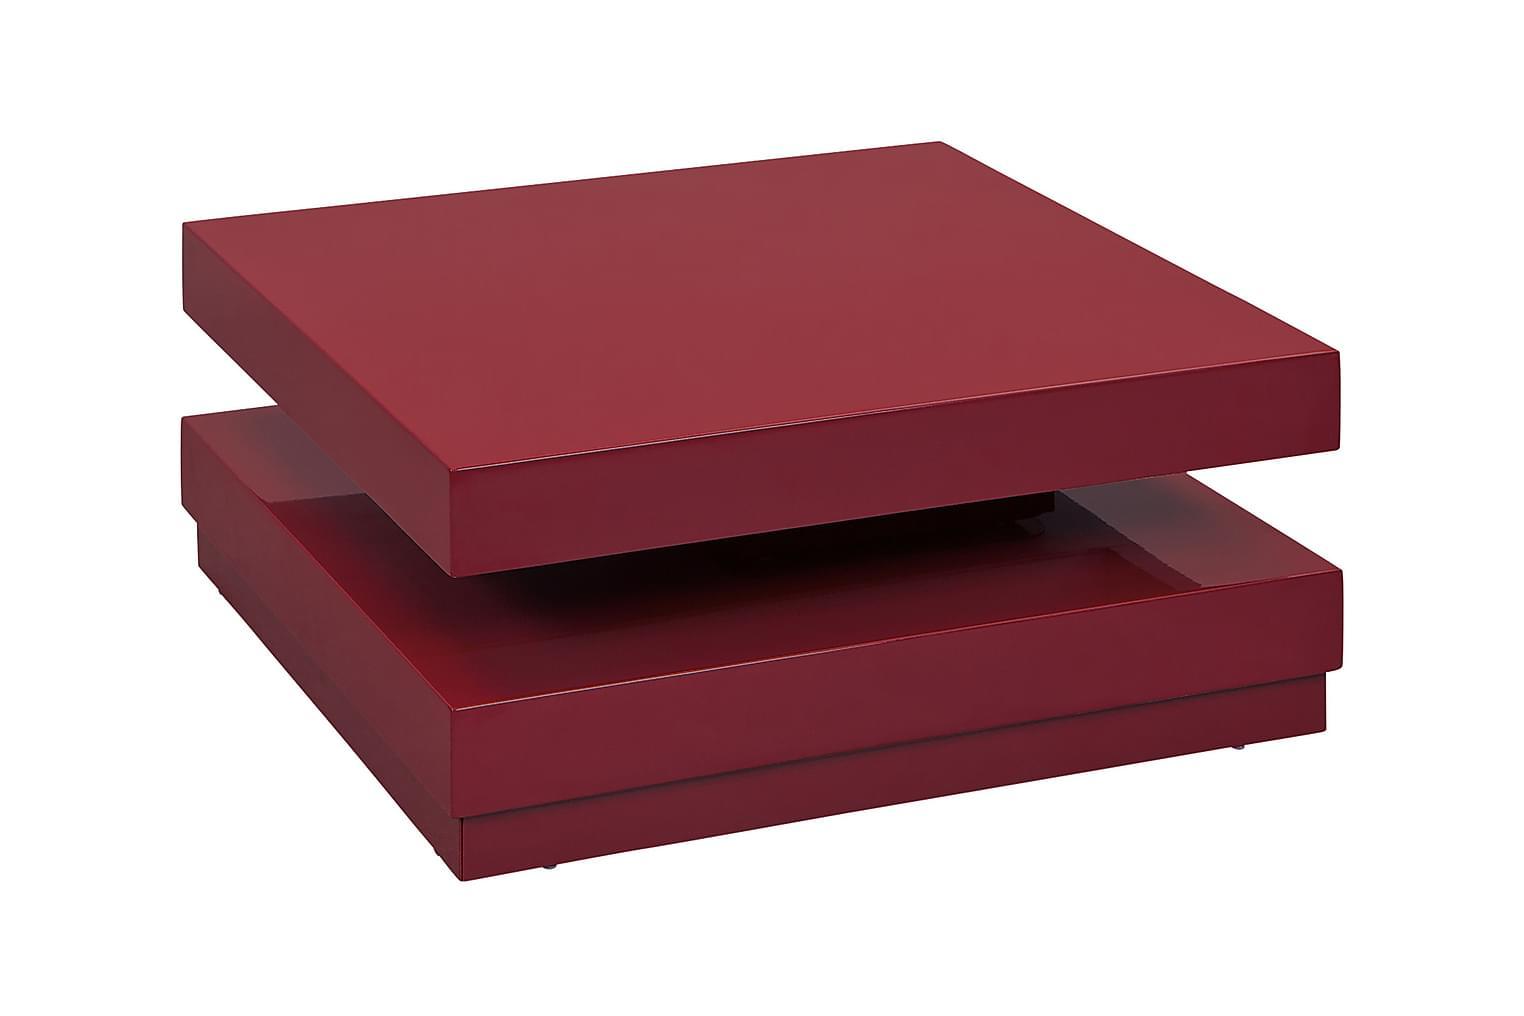 MODUS Sohvapöytä 75 Punainen